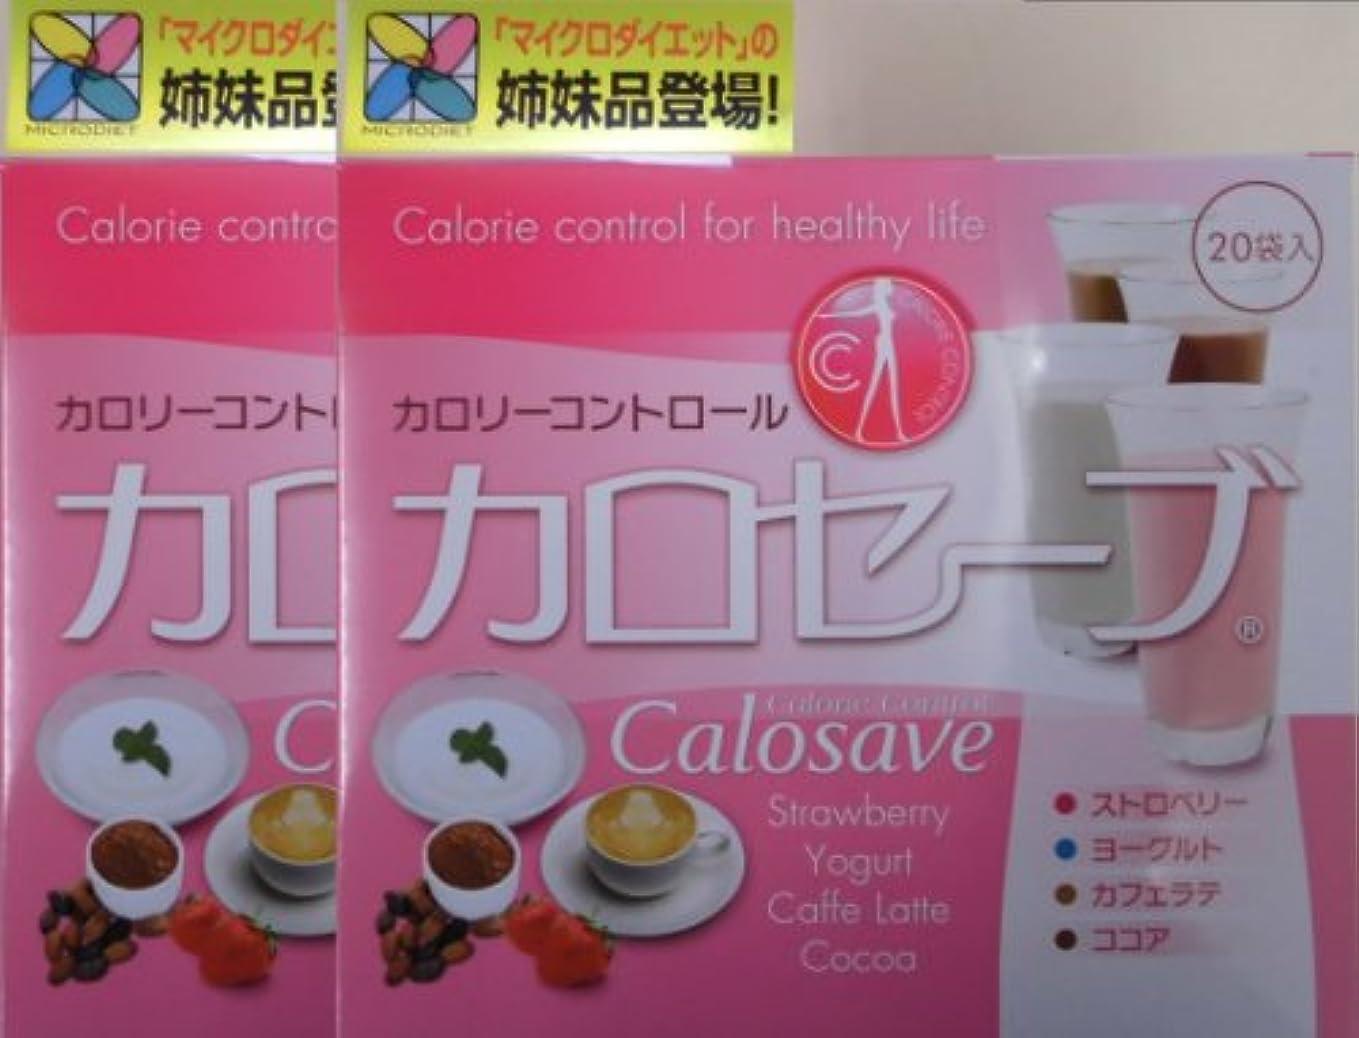 かろうじてゲージ連帯カロセーブ 20袋×2個セット マイクロダイエットの姉妹品登場!